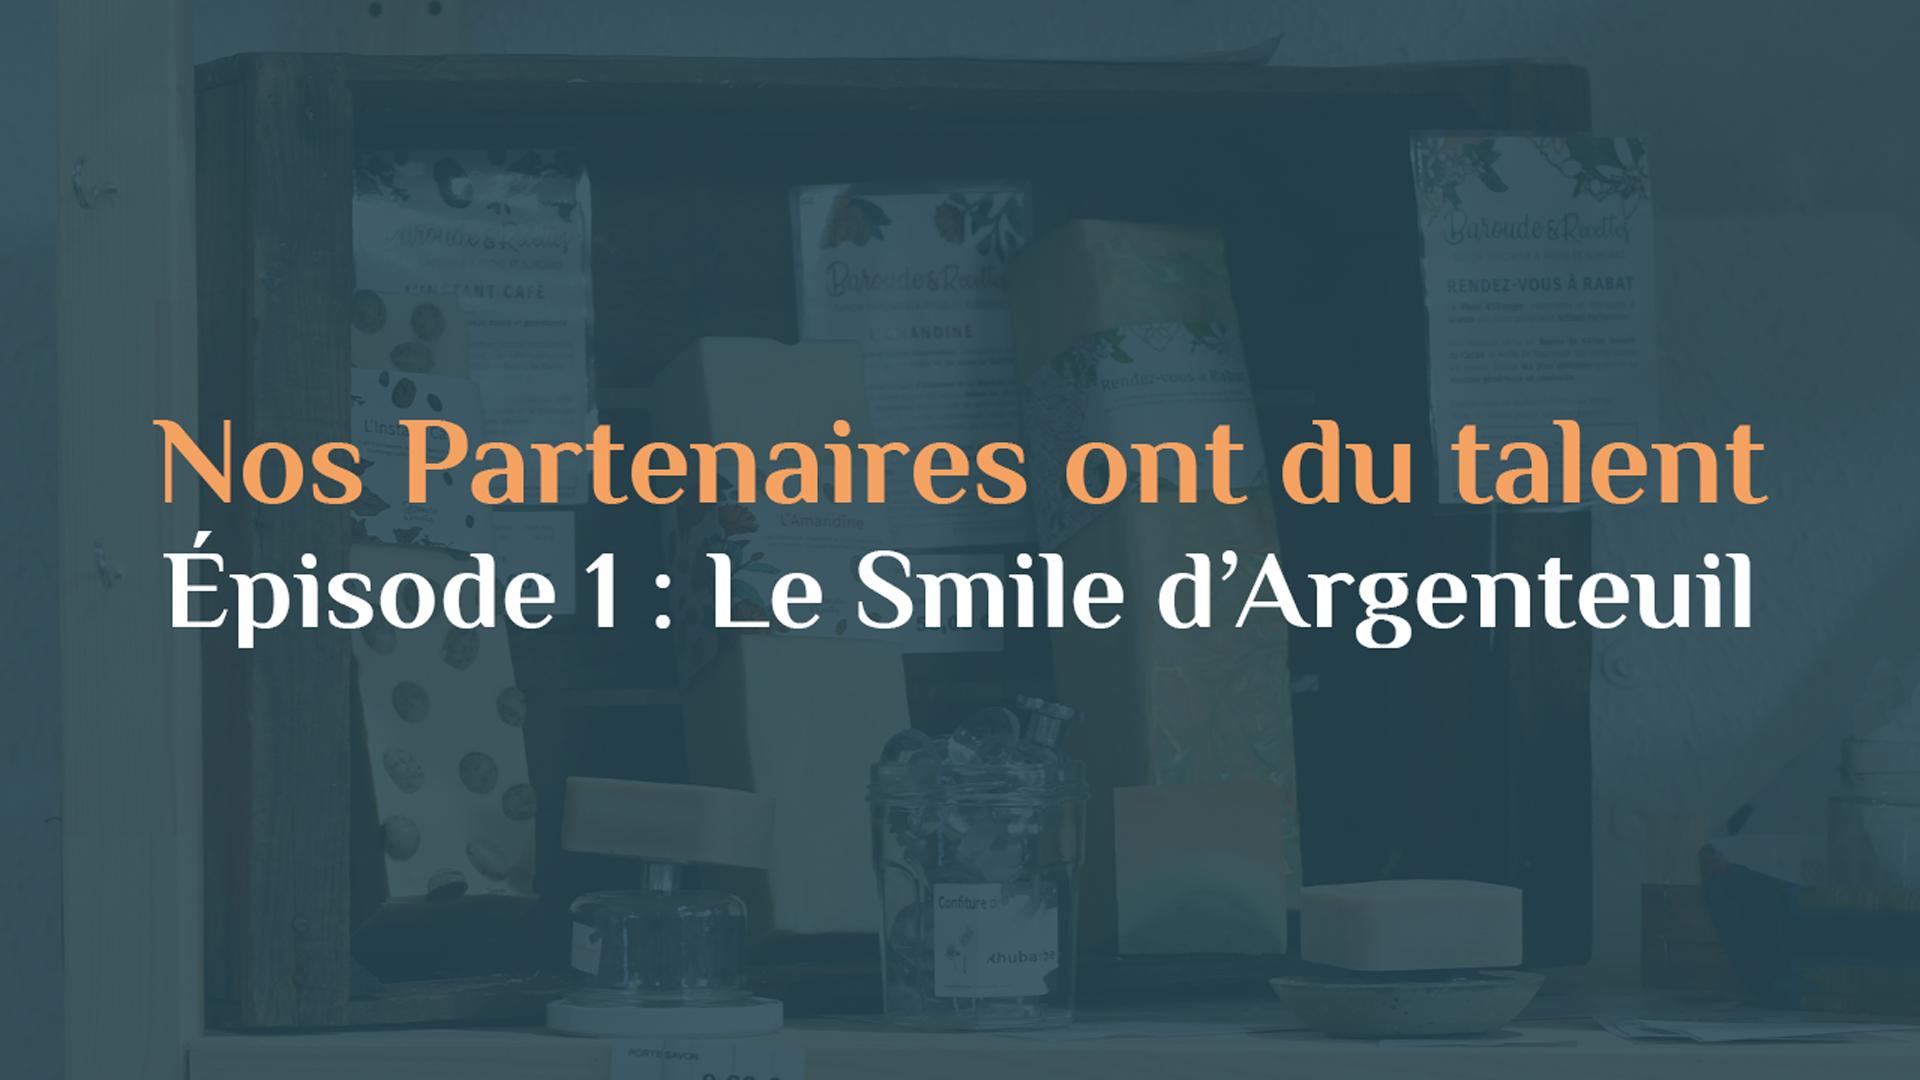 Le Smile, 1er partenaire local, éthique et engagé